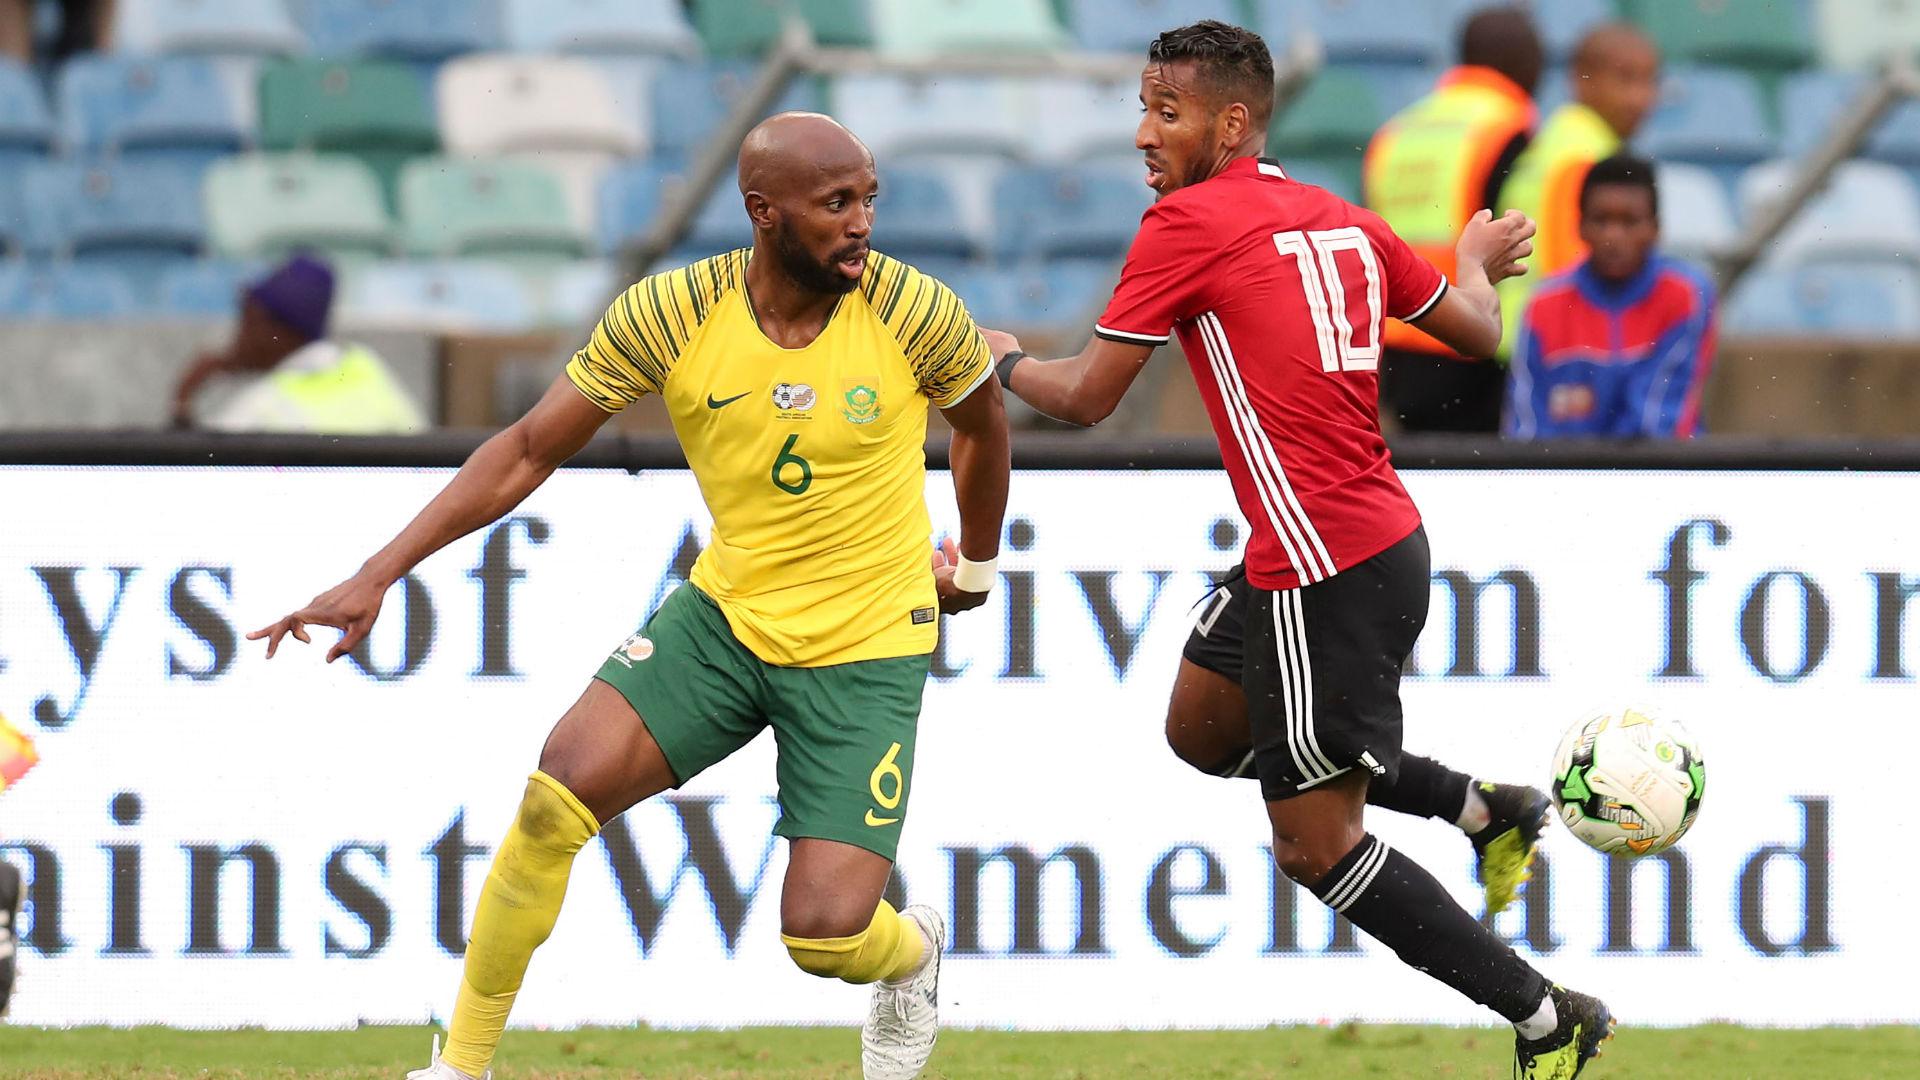 Ramahlwe Mphahlele Bafana Bafana v Libya, September 2018